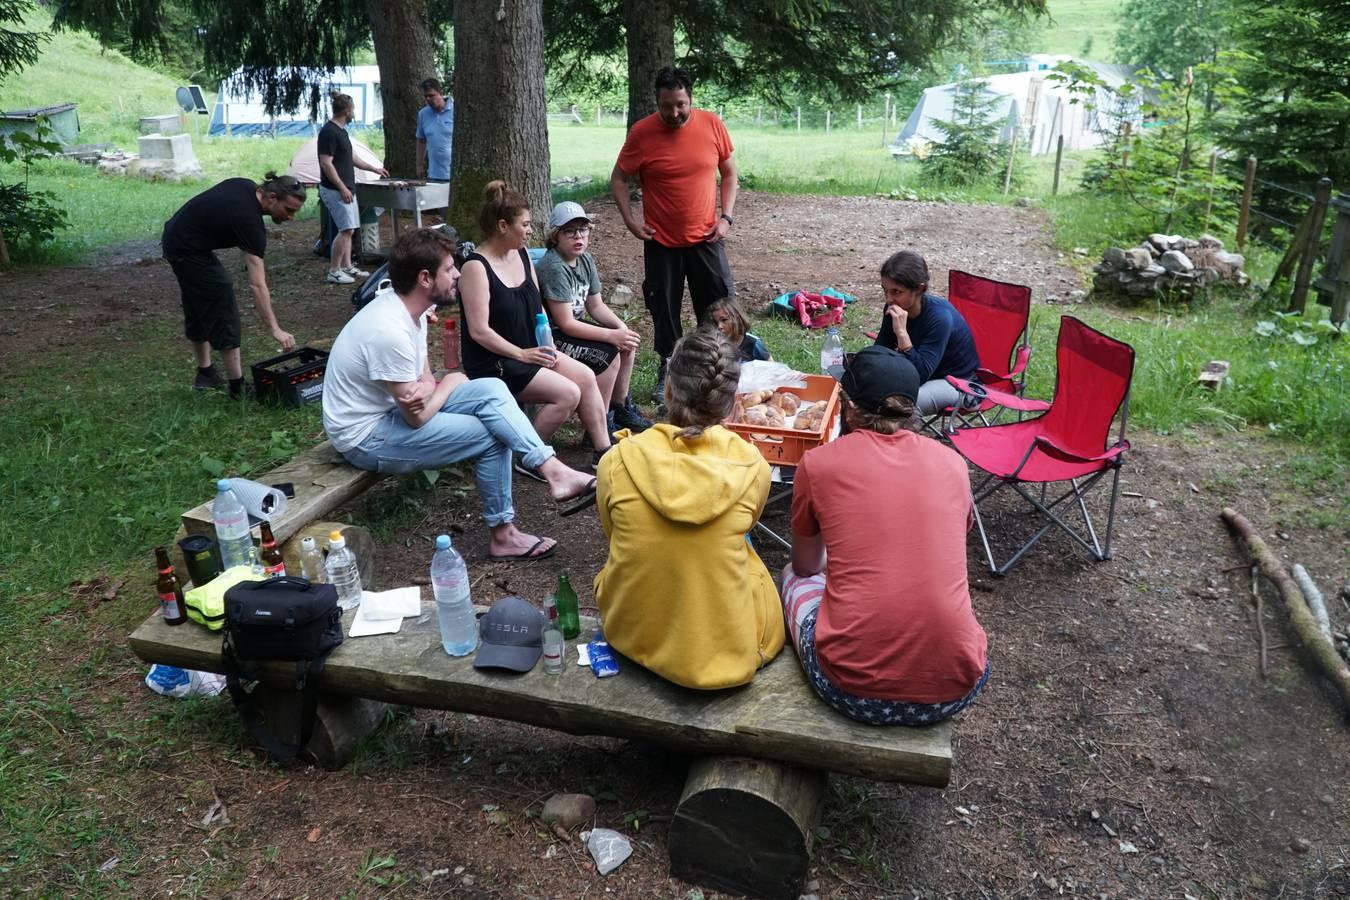 Ein schöner Abschluss. Die riesige Wandergruppe sitzt am Abend entspannt zusammen. (© Radio 24)